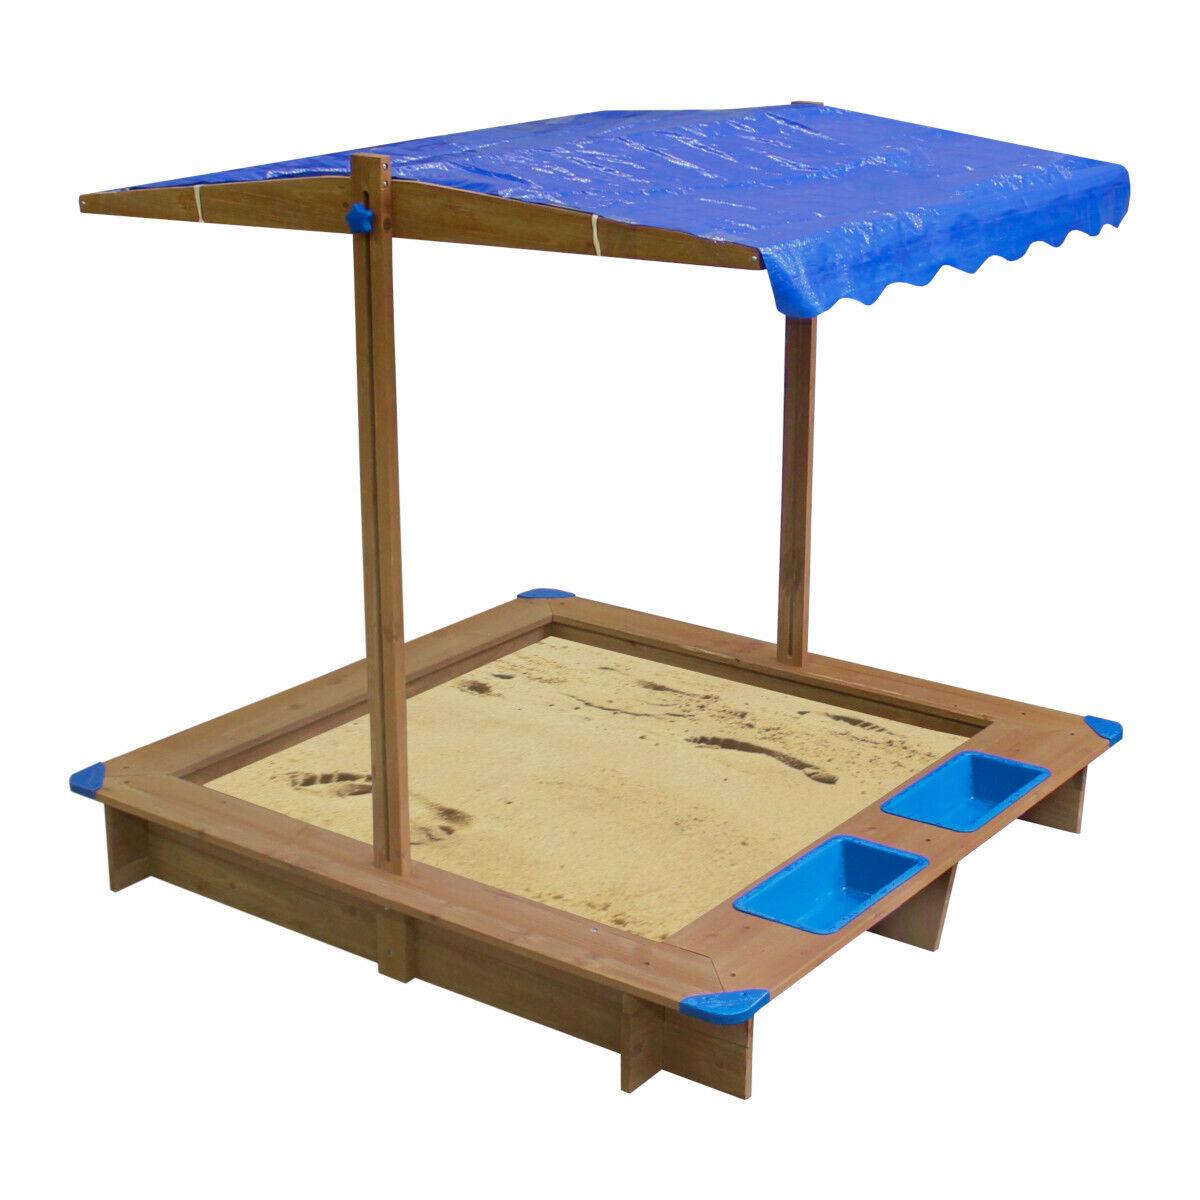 Sandkasten mit verstellbarem Dach Sandbox Sandkiste 126 x 121 x 118 cm Holz